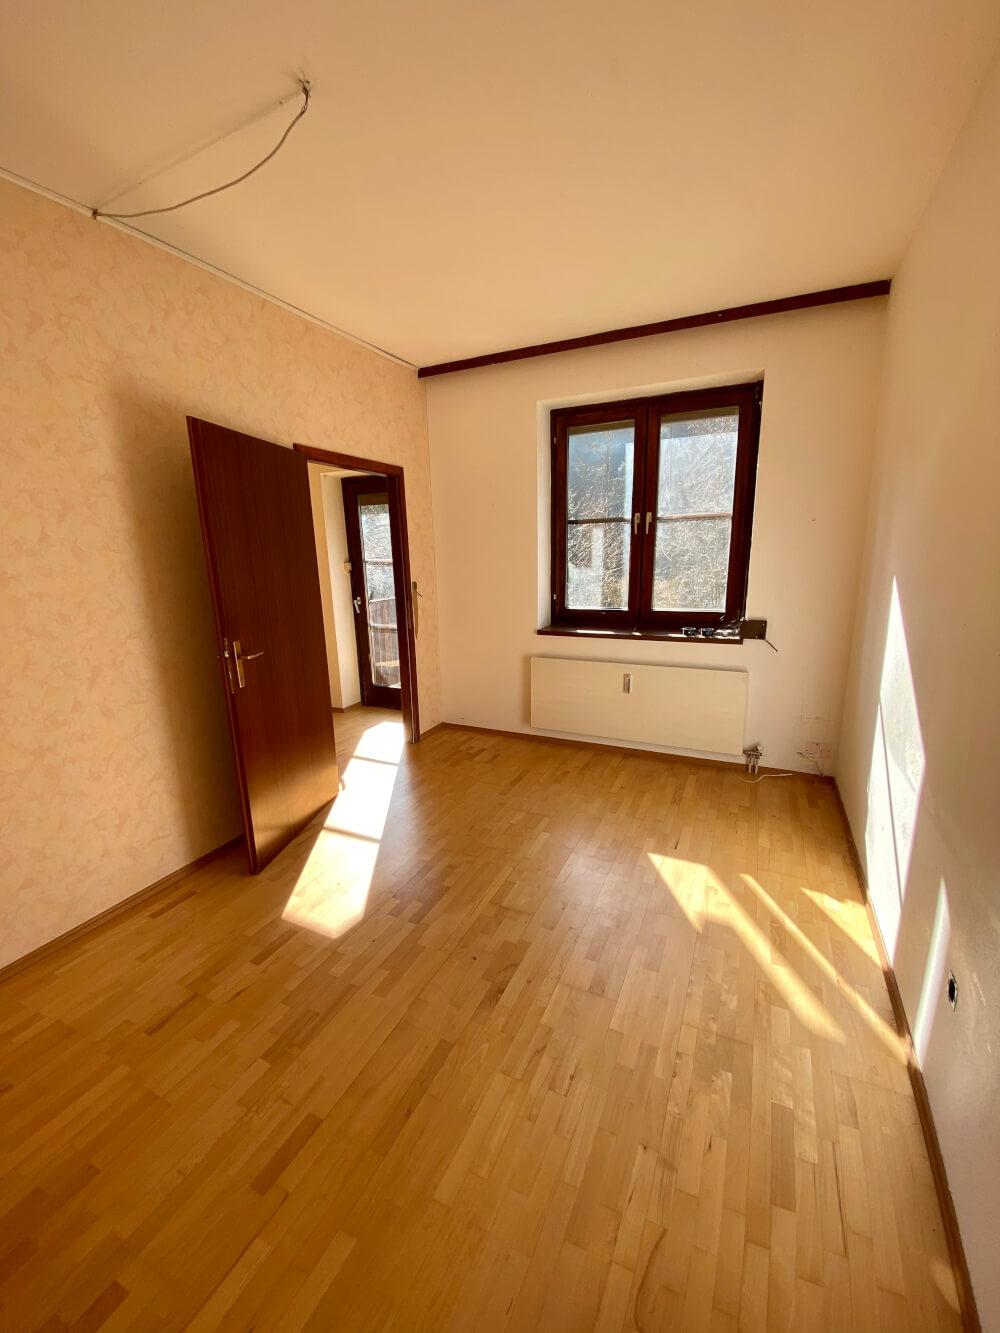 Immobilie von BWSG in Rein 2c/003, 8103 Rein #0